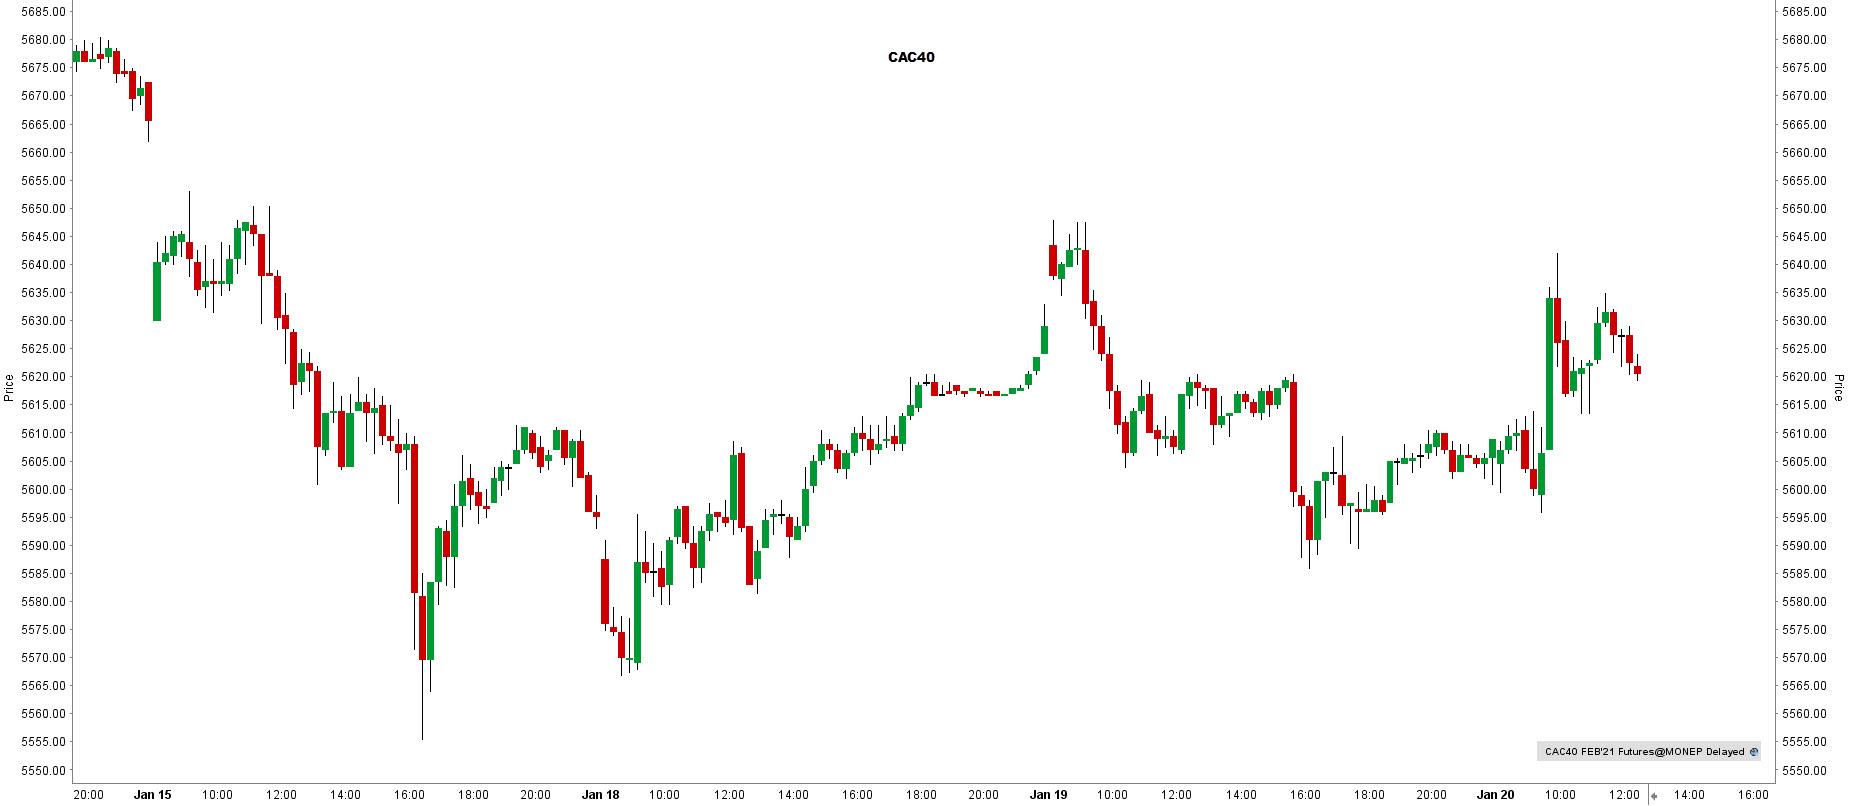 la chronique lynx broker 200121 - graphique CAC40